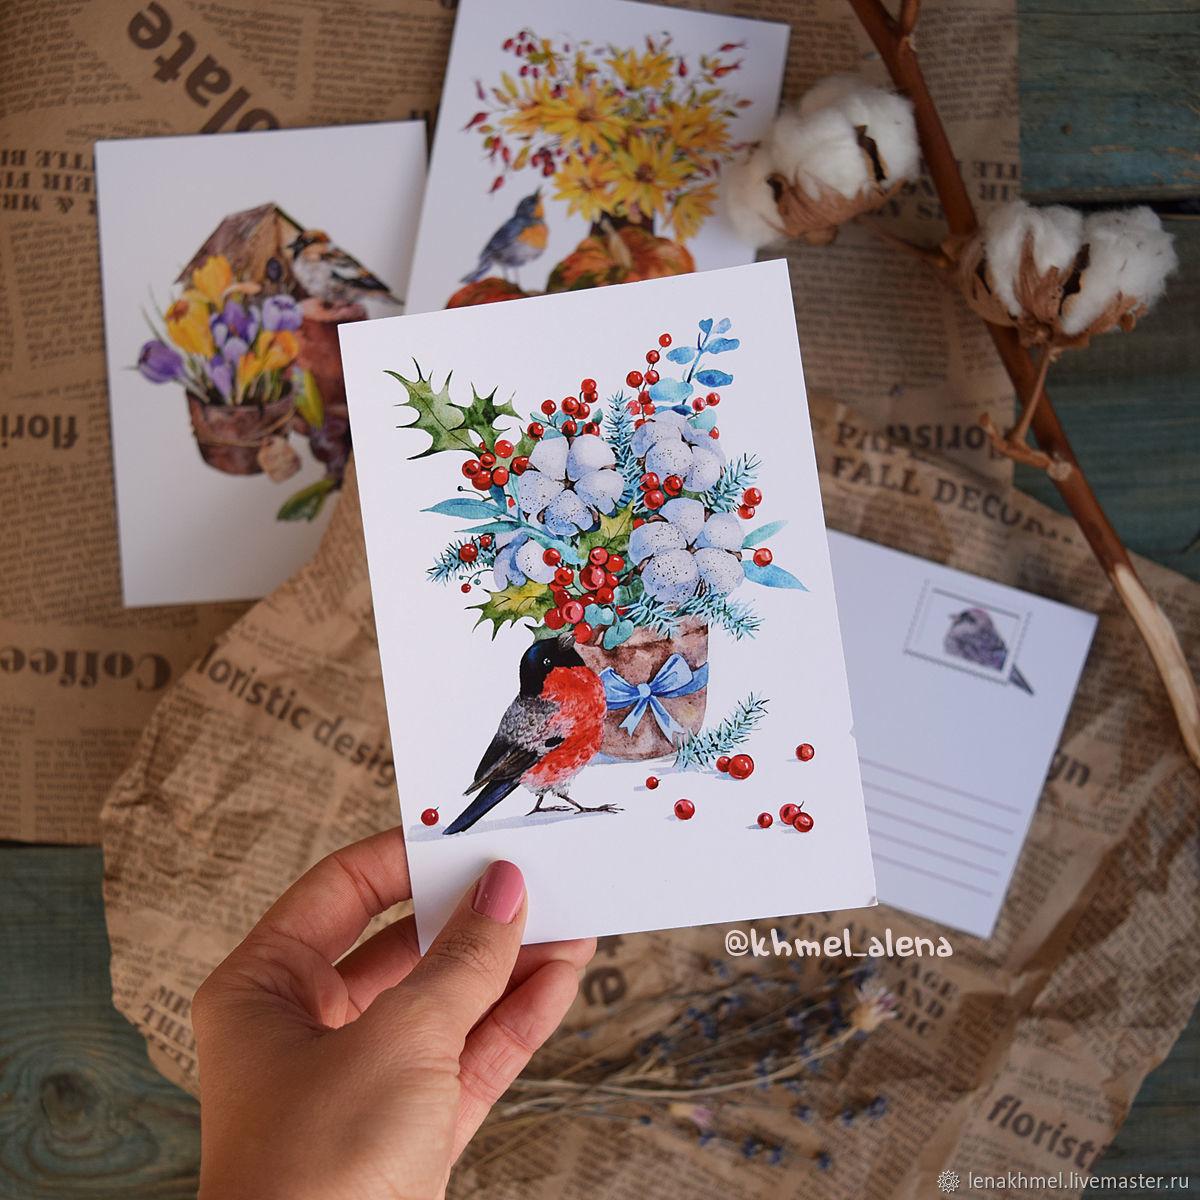 открытки для посткроссинга набор для создания успешного